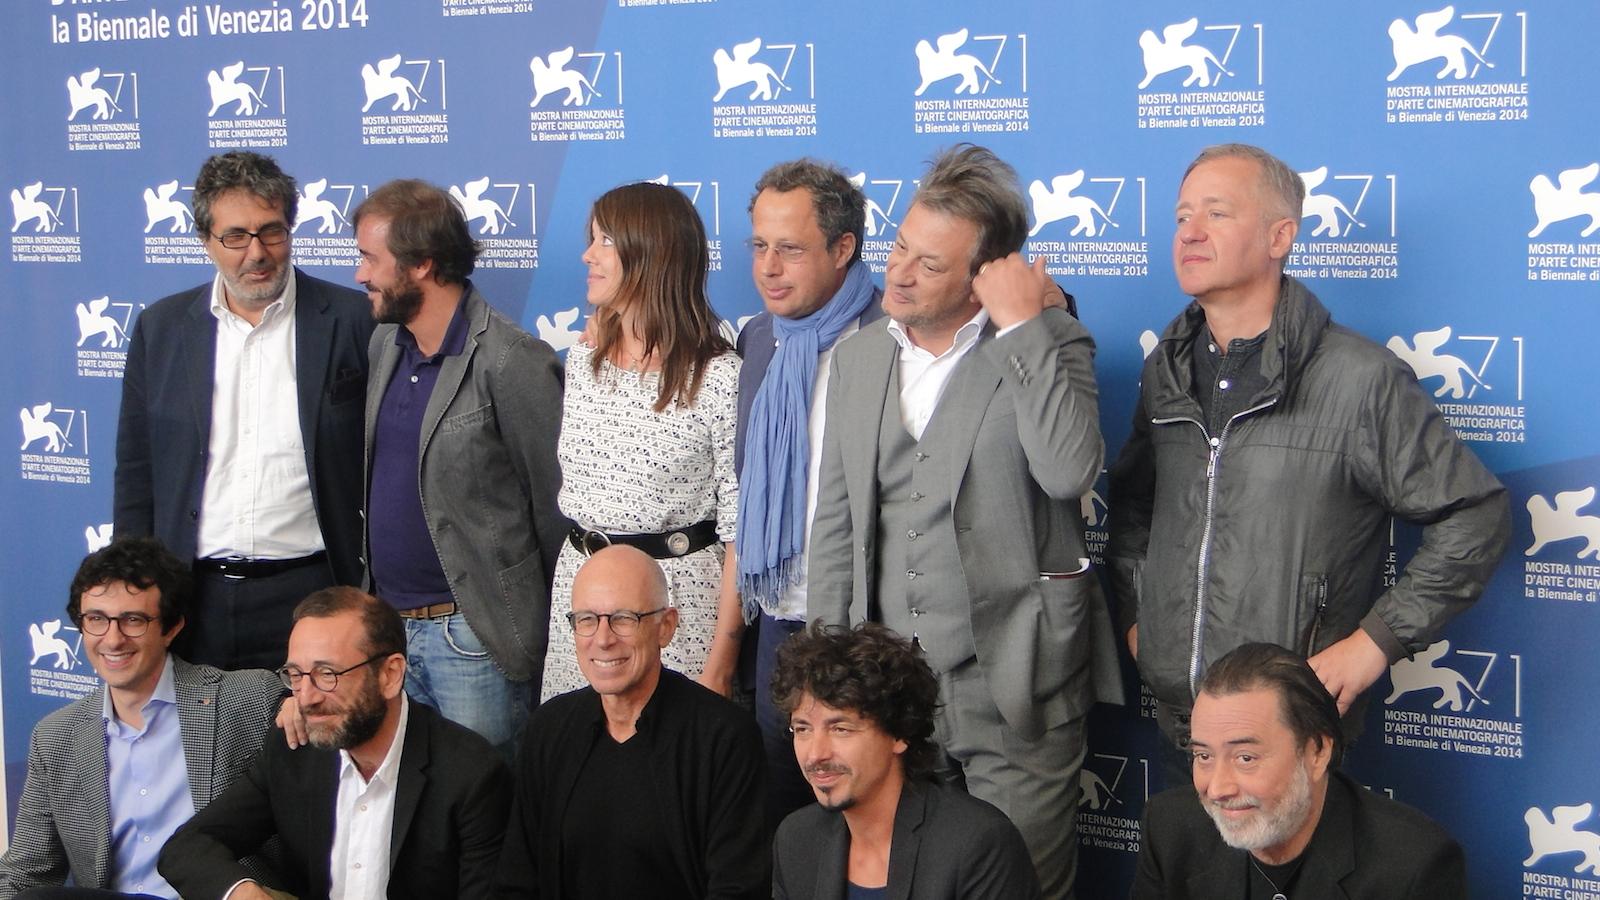 Gabriele Salvatores all'affollato photocall di Italy in a Day a Venezia 2014